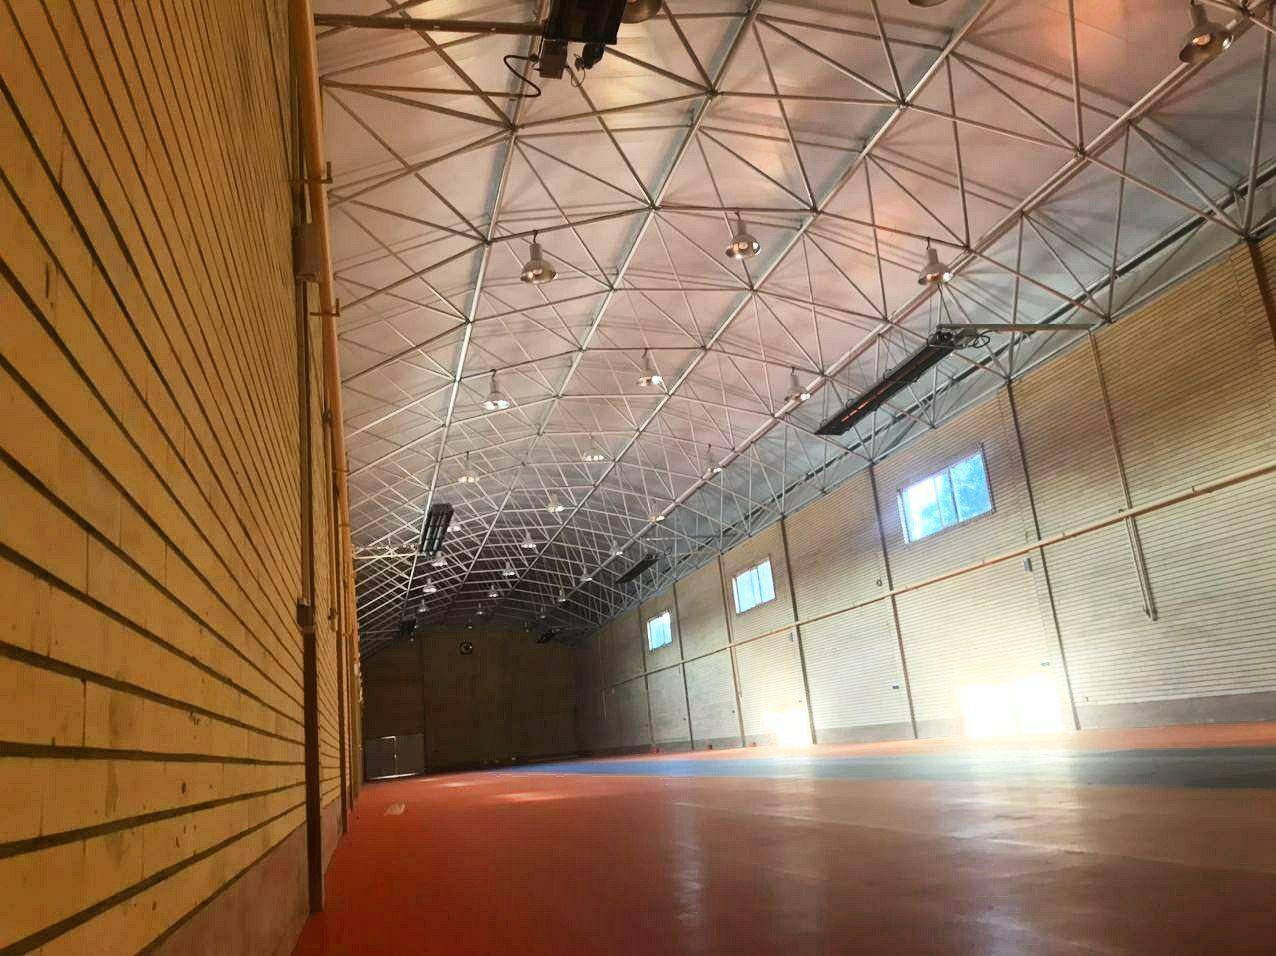 افتتاح یکی از  بزرگترین آکادمی های ورزشی کشور در کرمانشاه